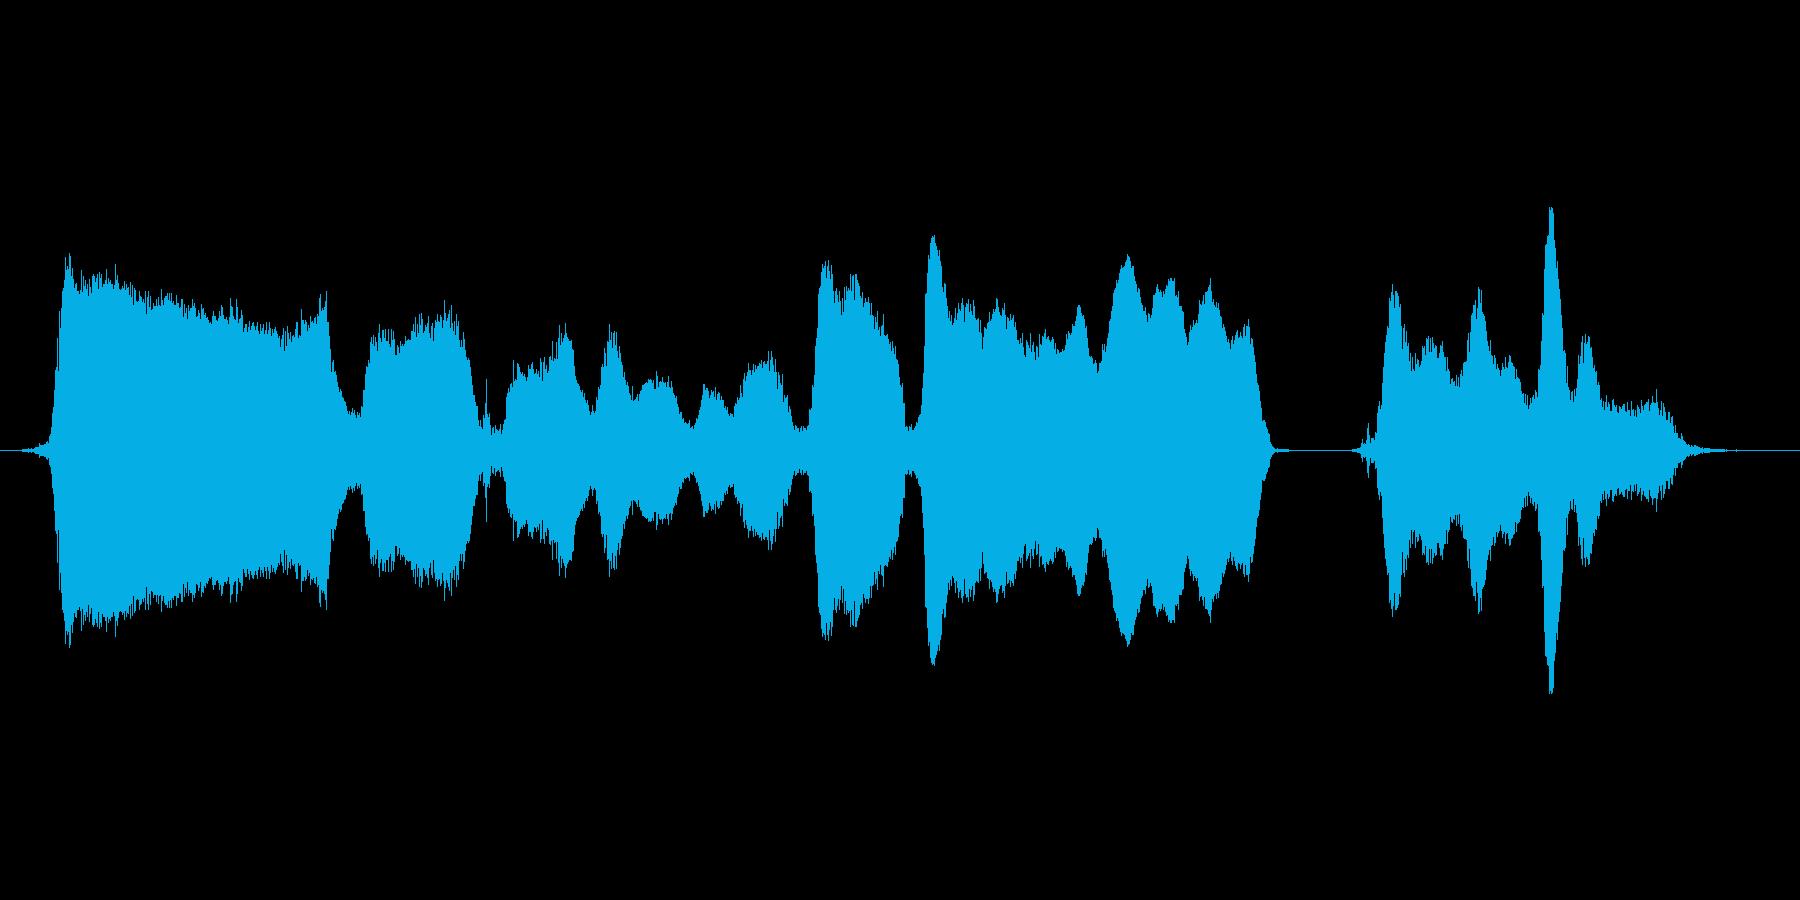 メロディーを口ずさむの再生済みの波形